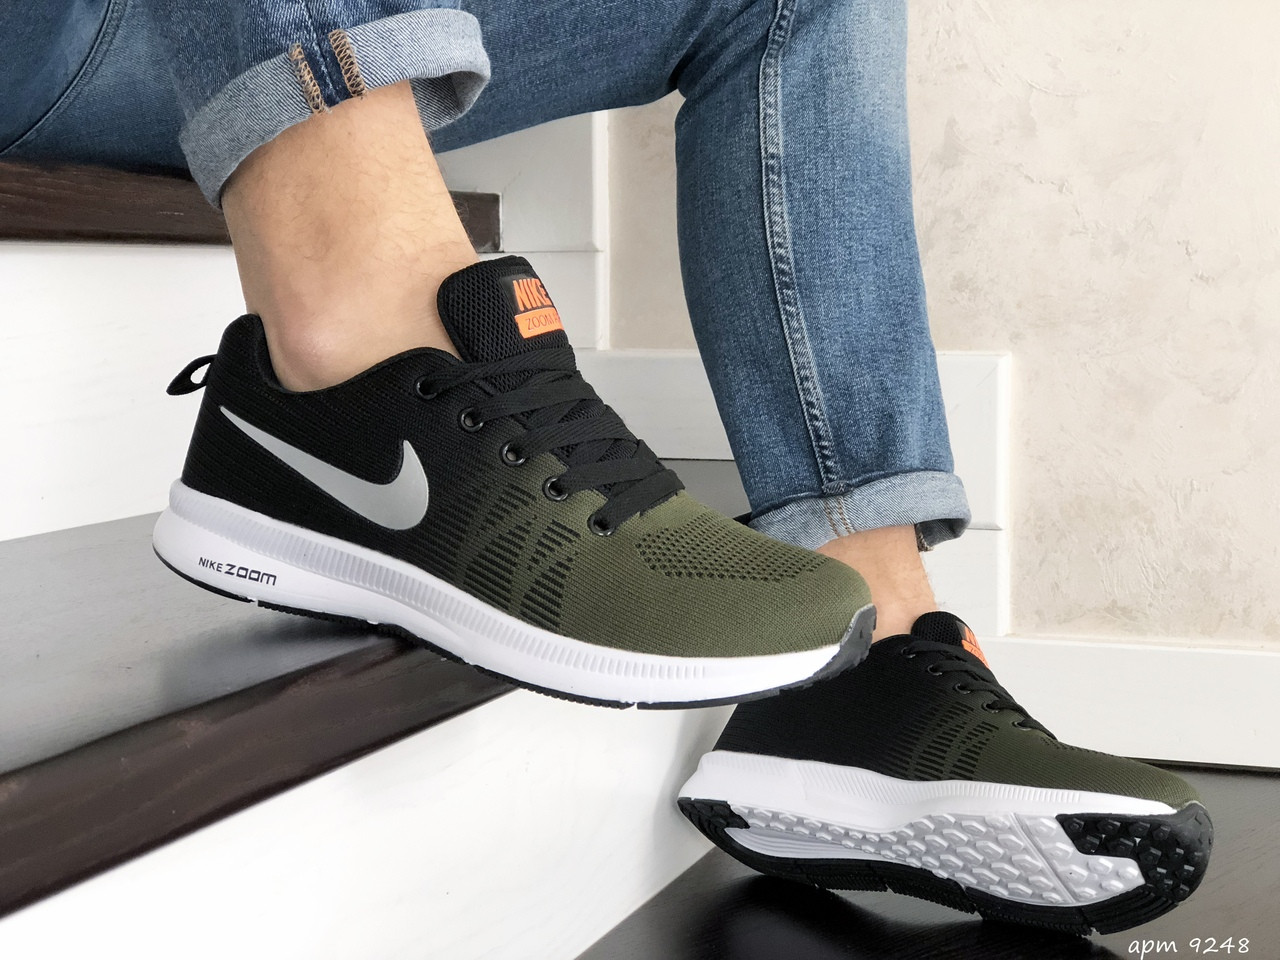 Чоловічі кросівки Nike ZOOM (темно-зелене з чорним і білим) 9248